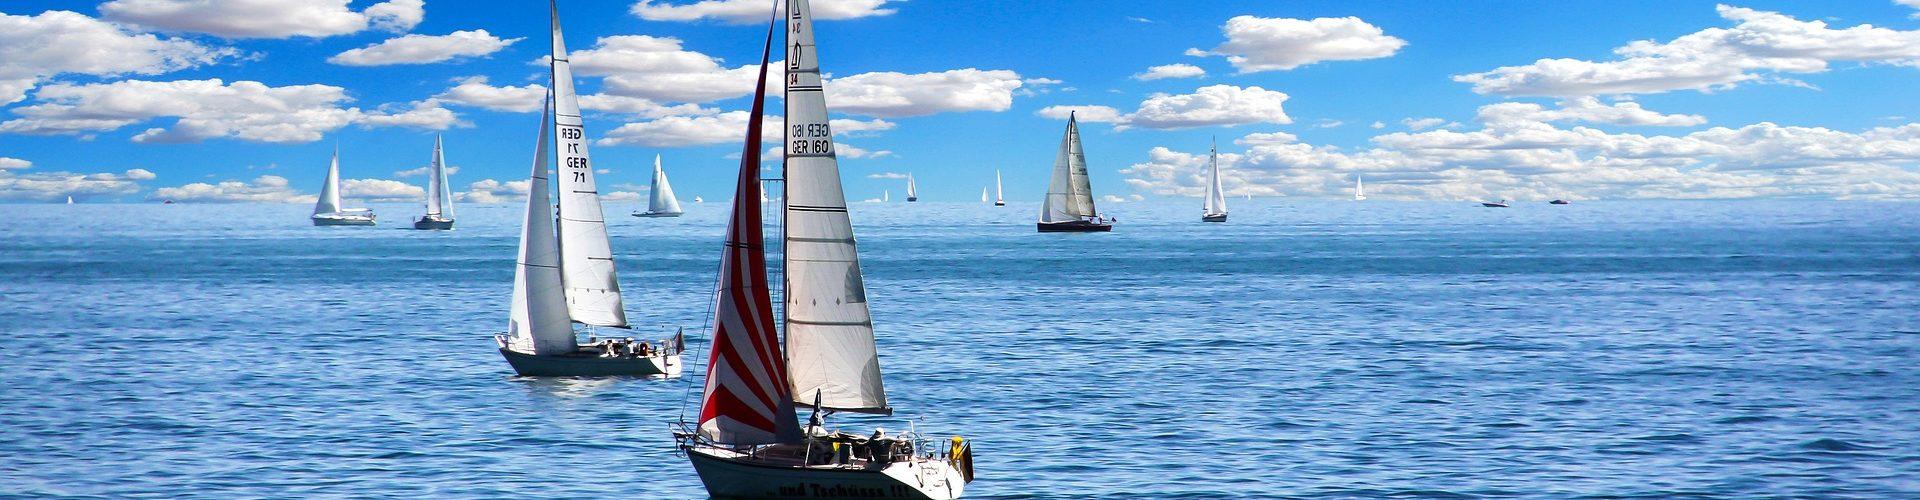 segeln lernen in Mellingen segelschein machen in Mellingen 1920x500 - Segeln lernen in Mellingen